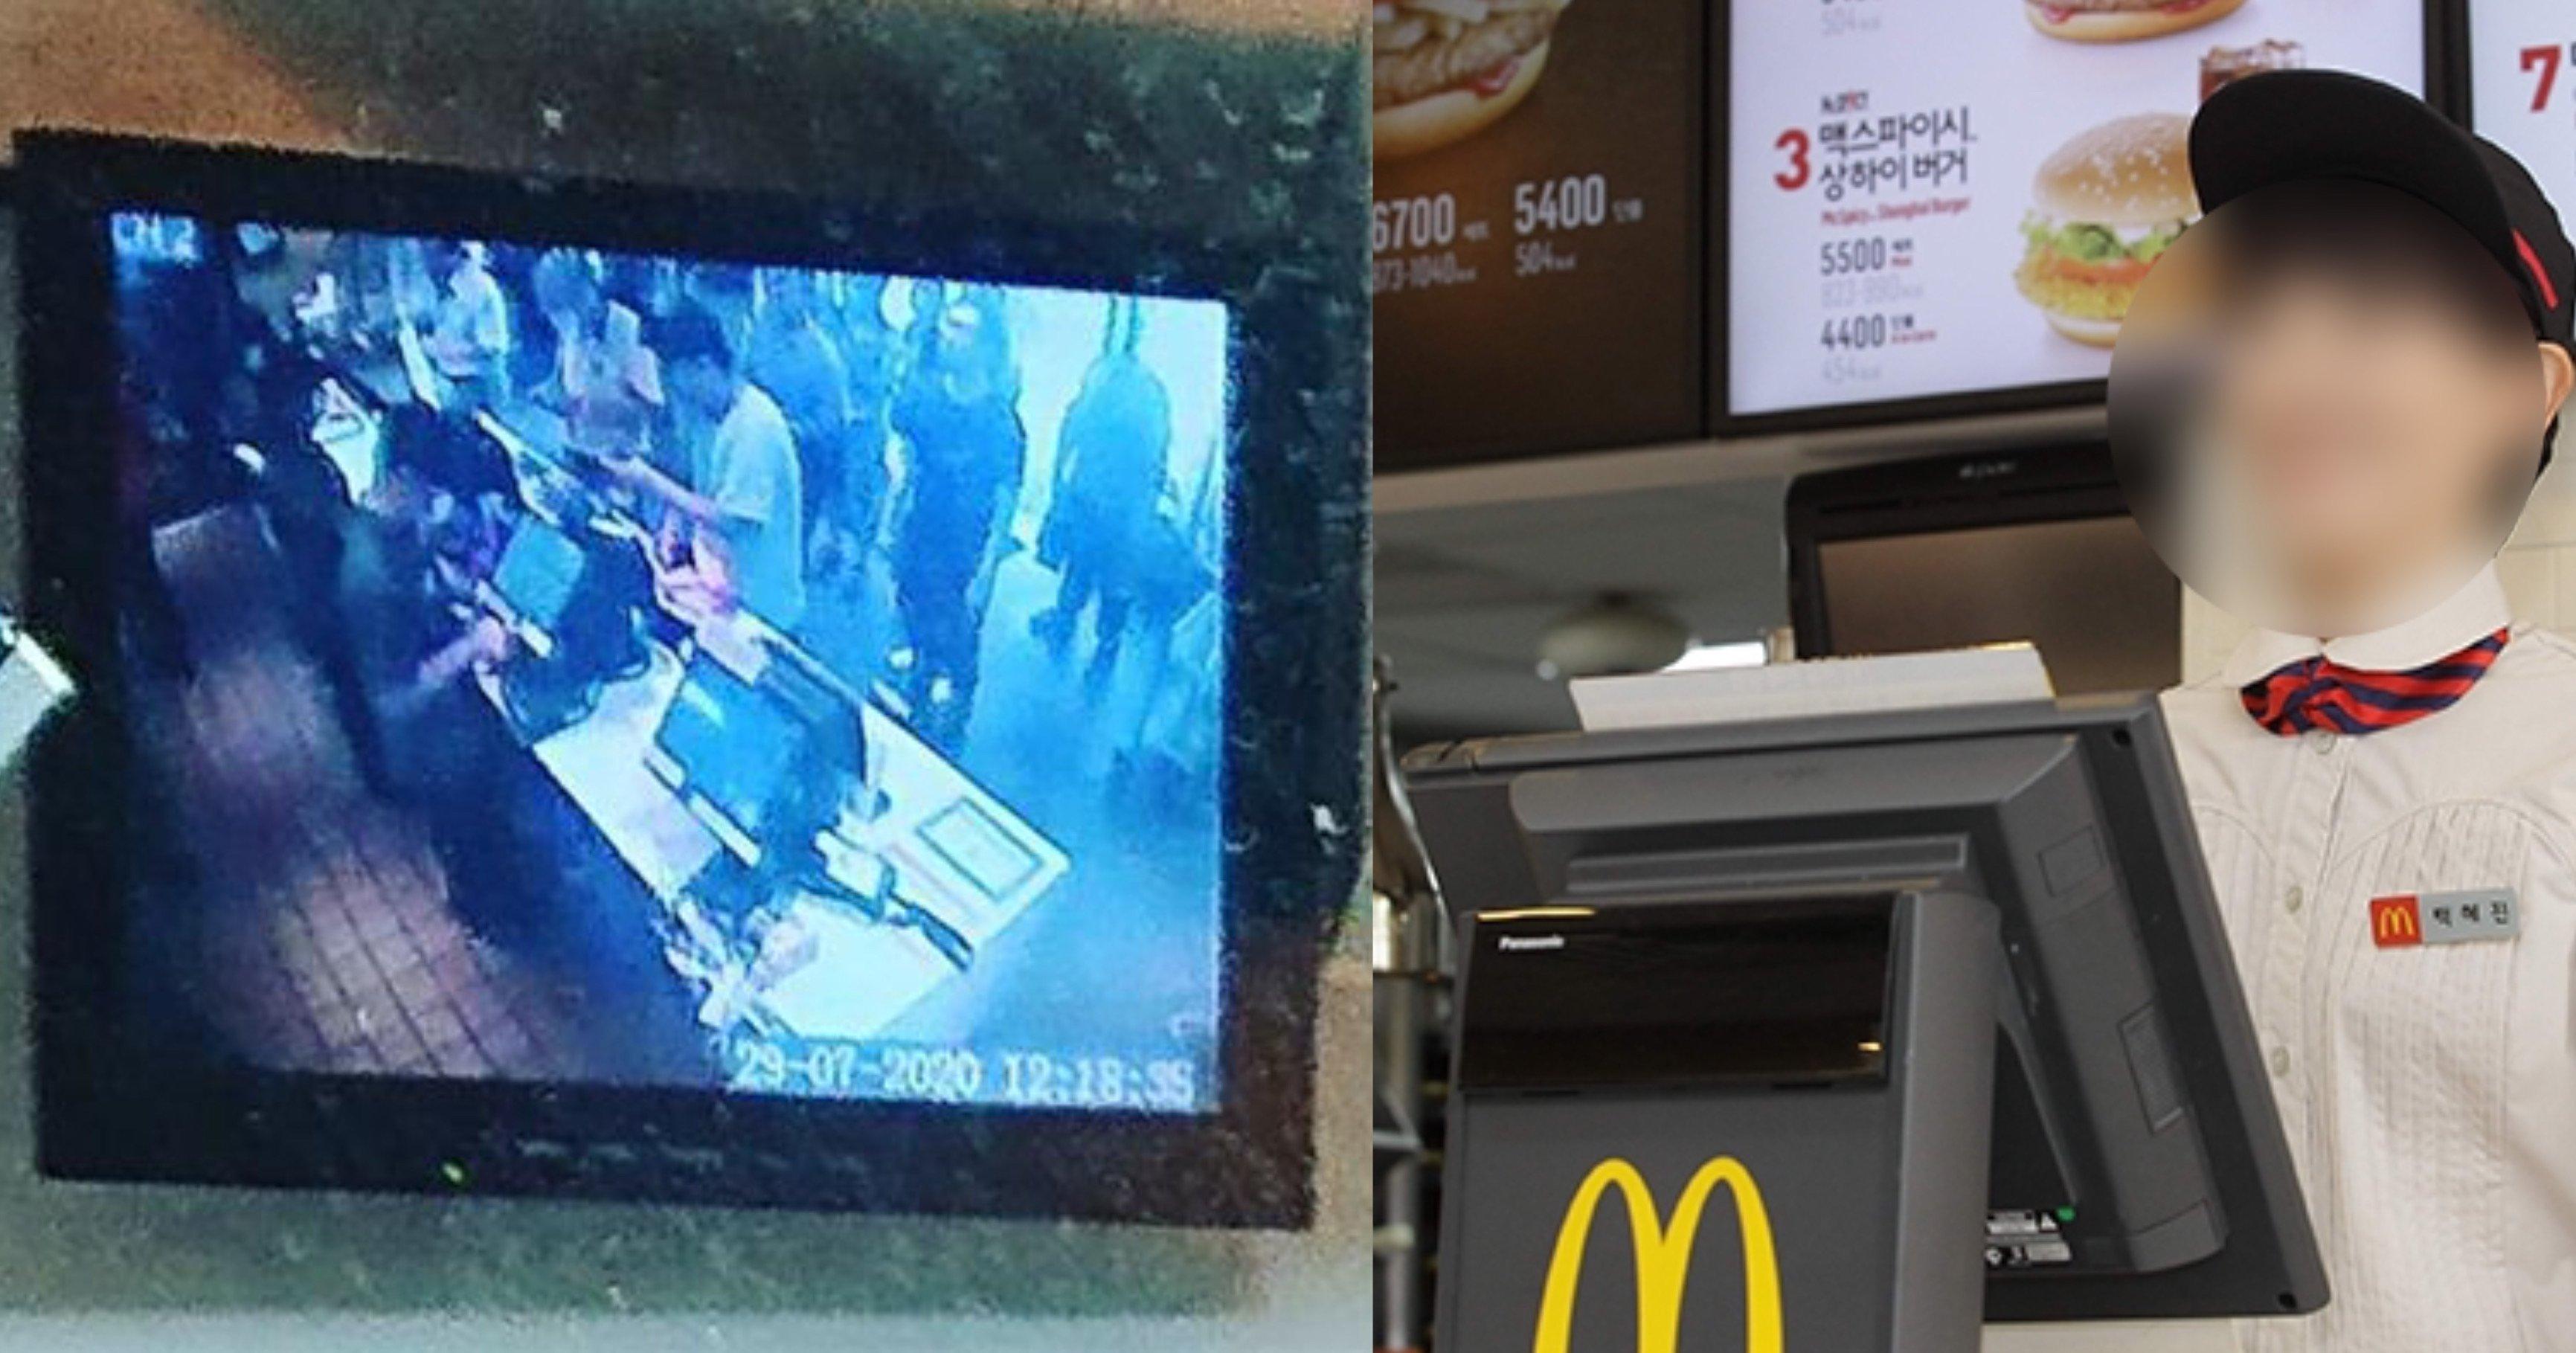 """eba7a5eb8f84eb82a0eb939c ec8db8eb84ac.jpg?resize=1200,630 - """"내가 지금 뭘 보고 있는 거지?...""""...매장에 손님 많은 것처럼 실시간 CCTV 조작한 맥도날드 알바생"""